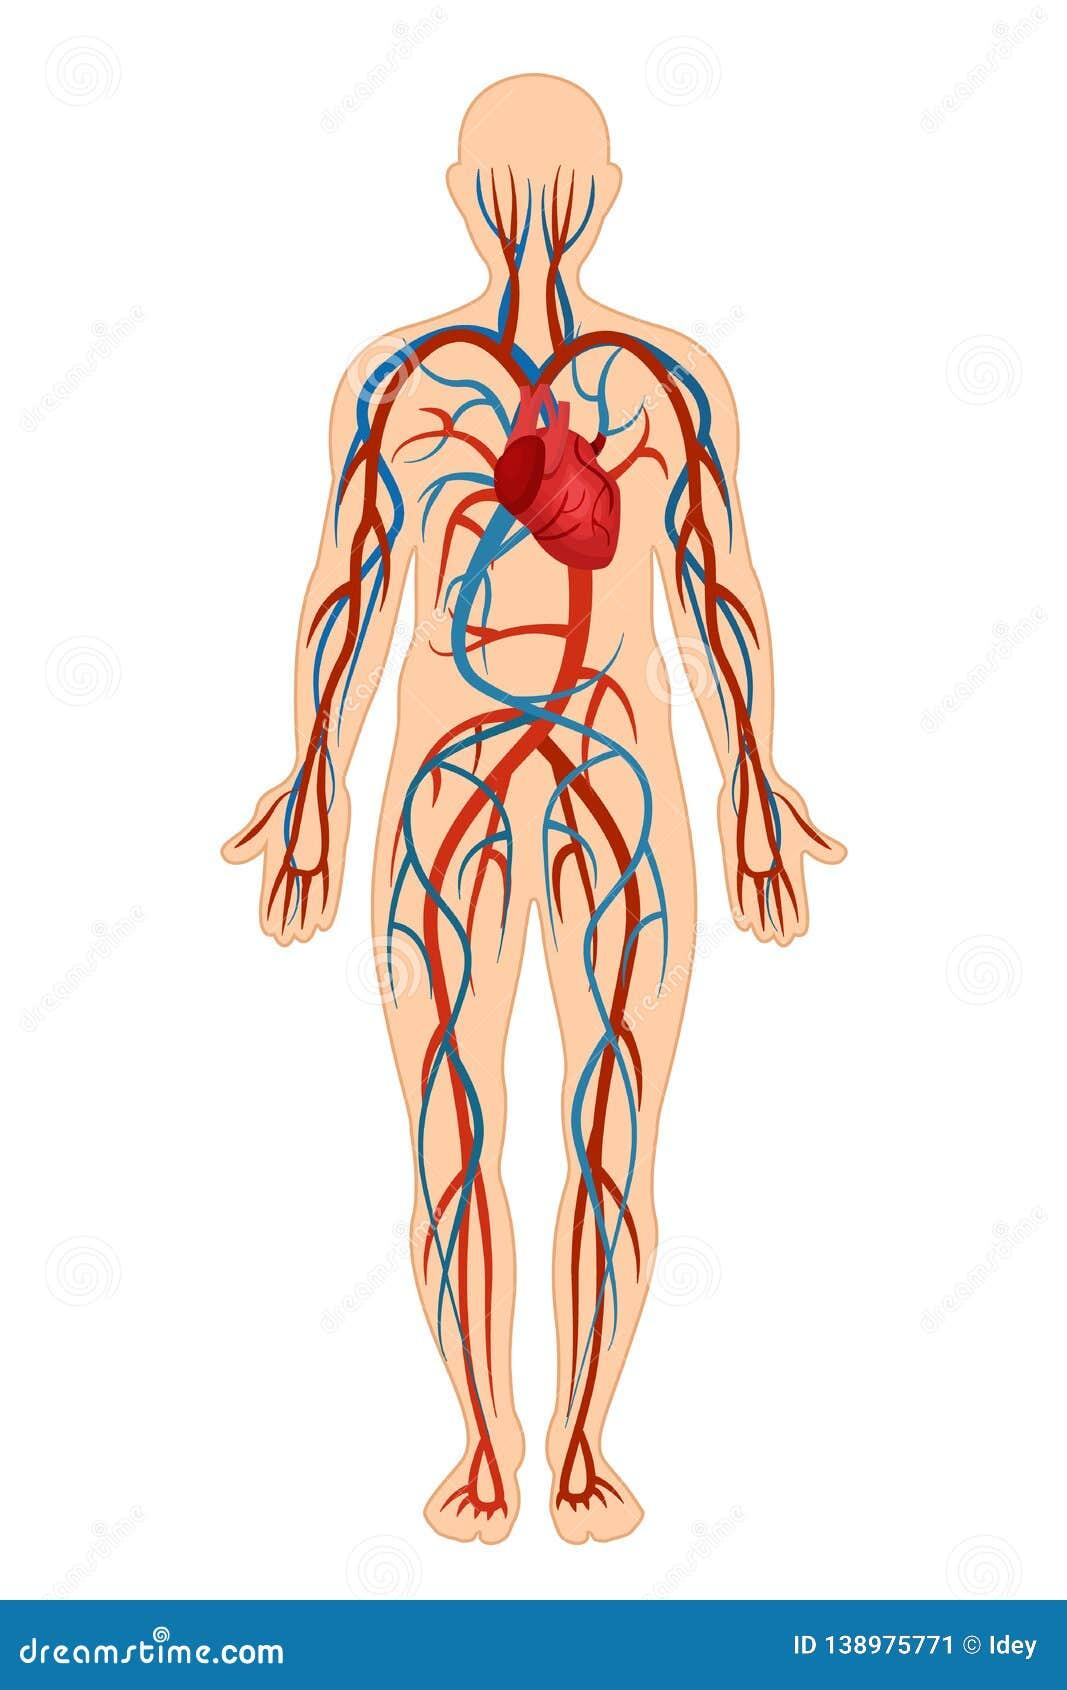 Circulatory System Vector Illustration